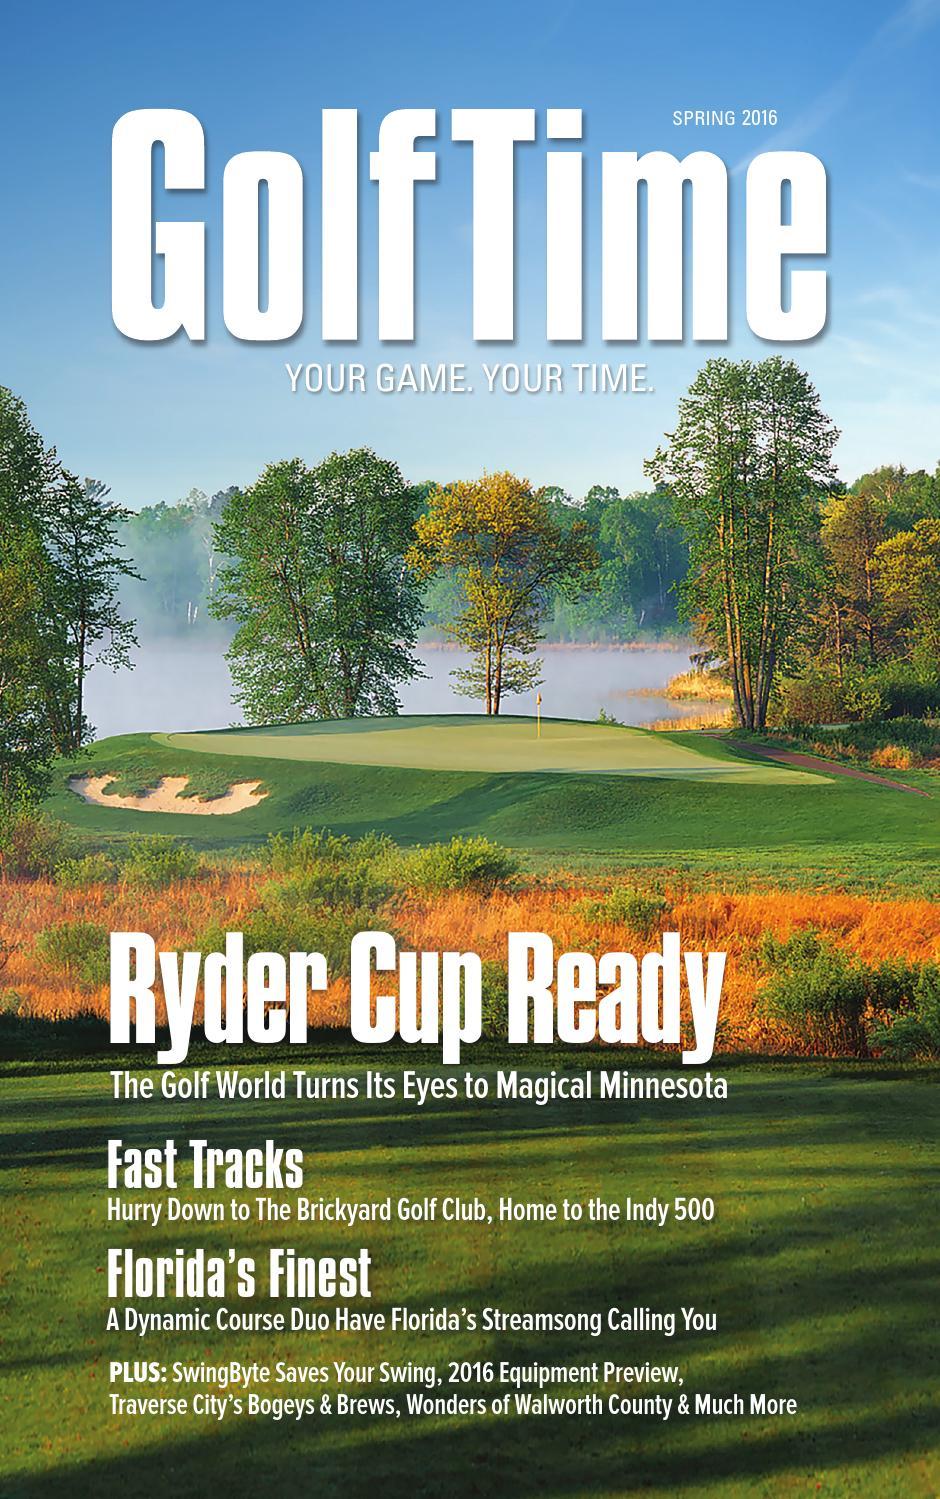 golftime 2016 spring edition by killarney golf media issuu